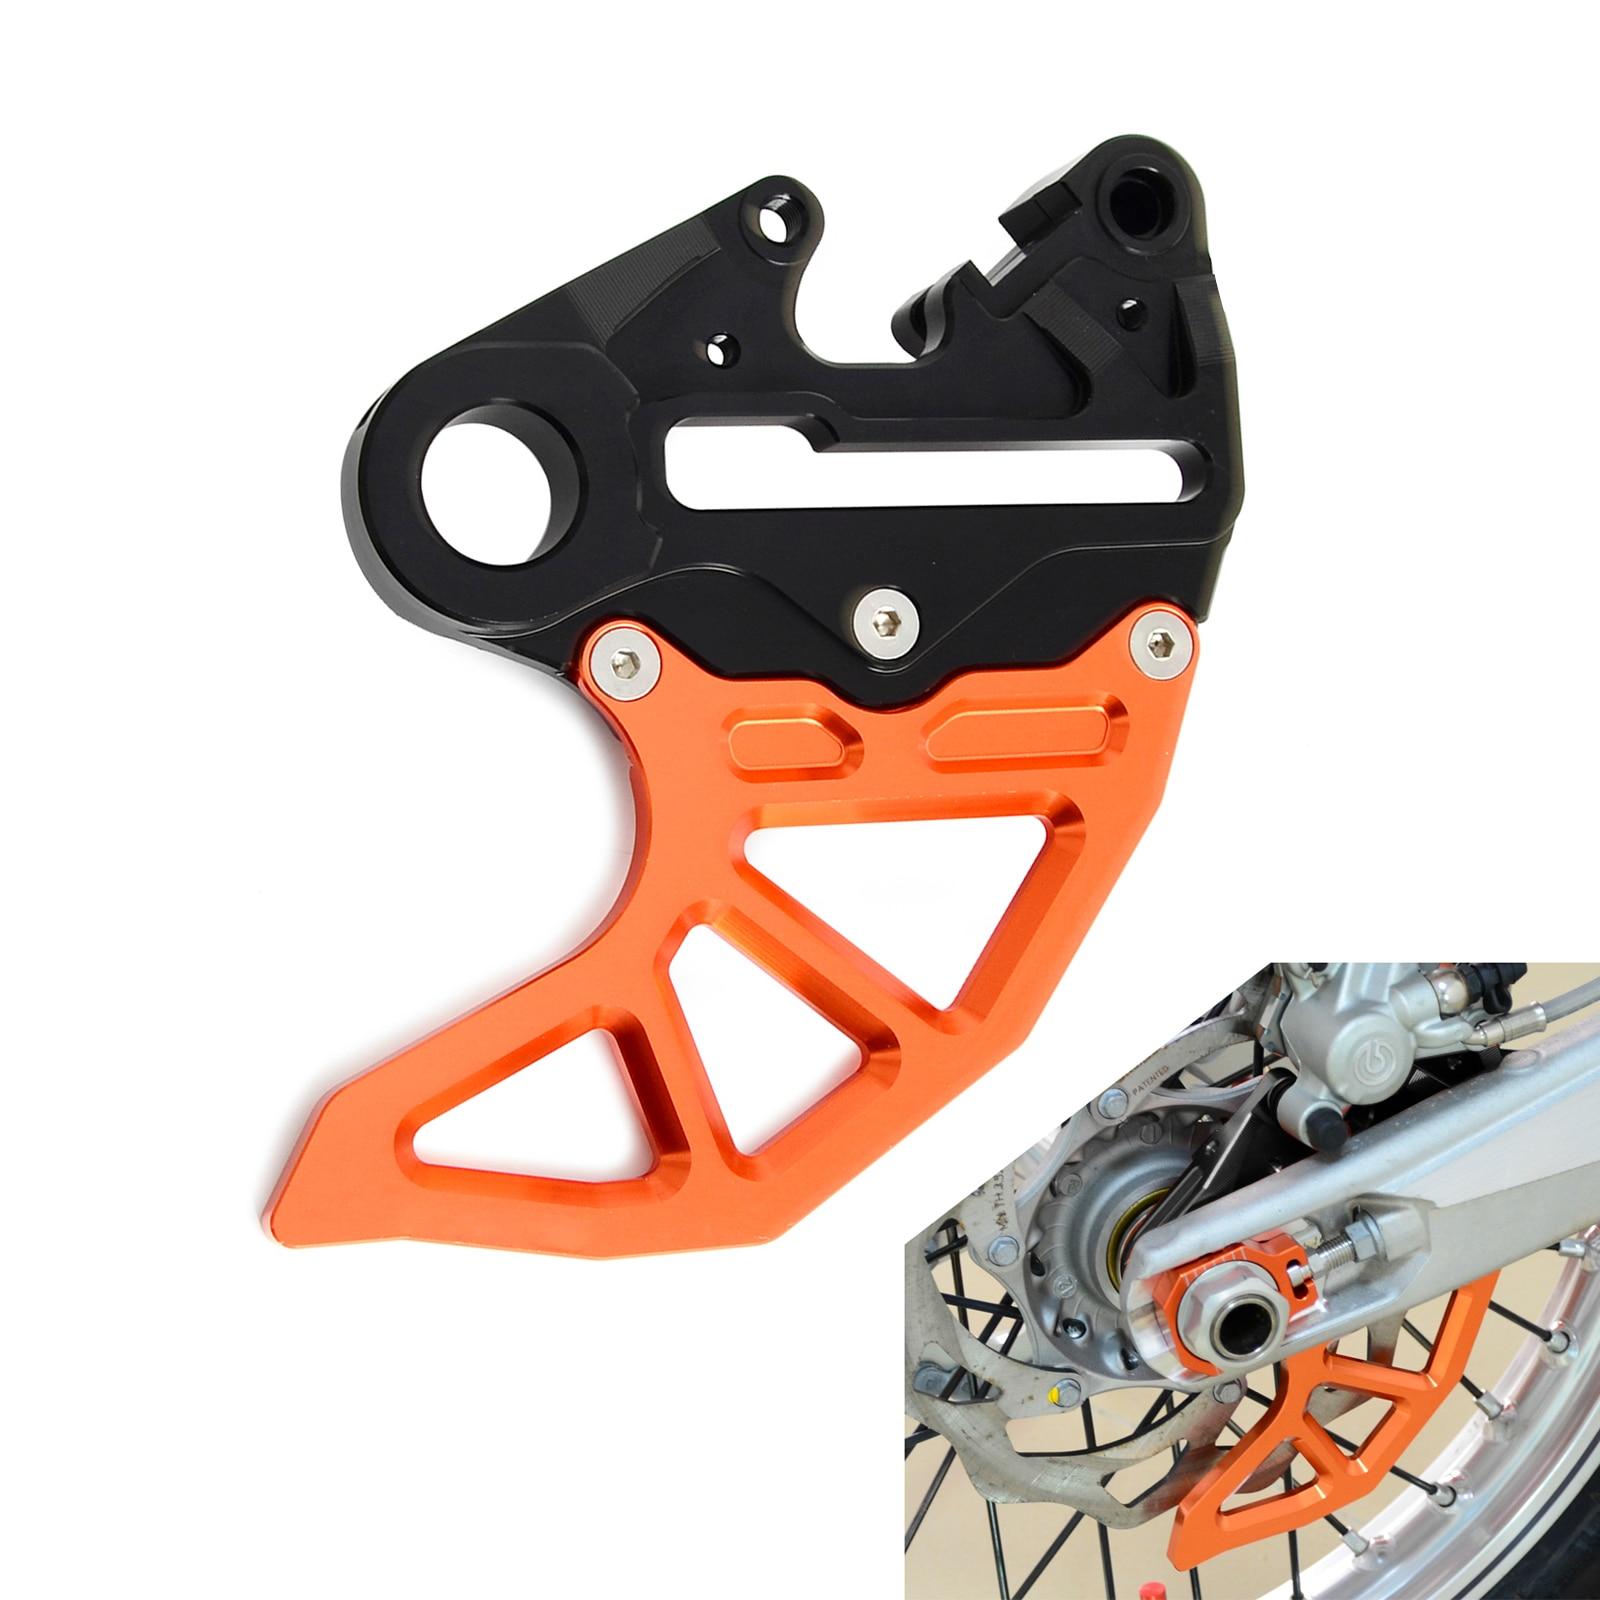 Disque De Frein arrière Garde Support D'étrier Pour KTM 125 200 250 300 390 450 530 SX SXF XC XCF EXC EXCF XCW XCFW Husqvarna Husaberg